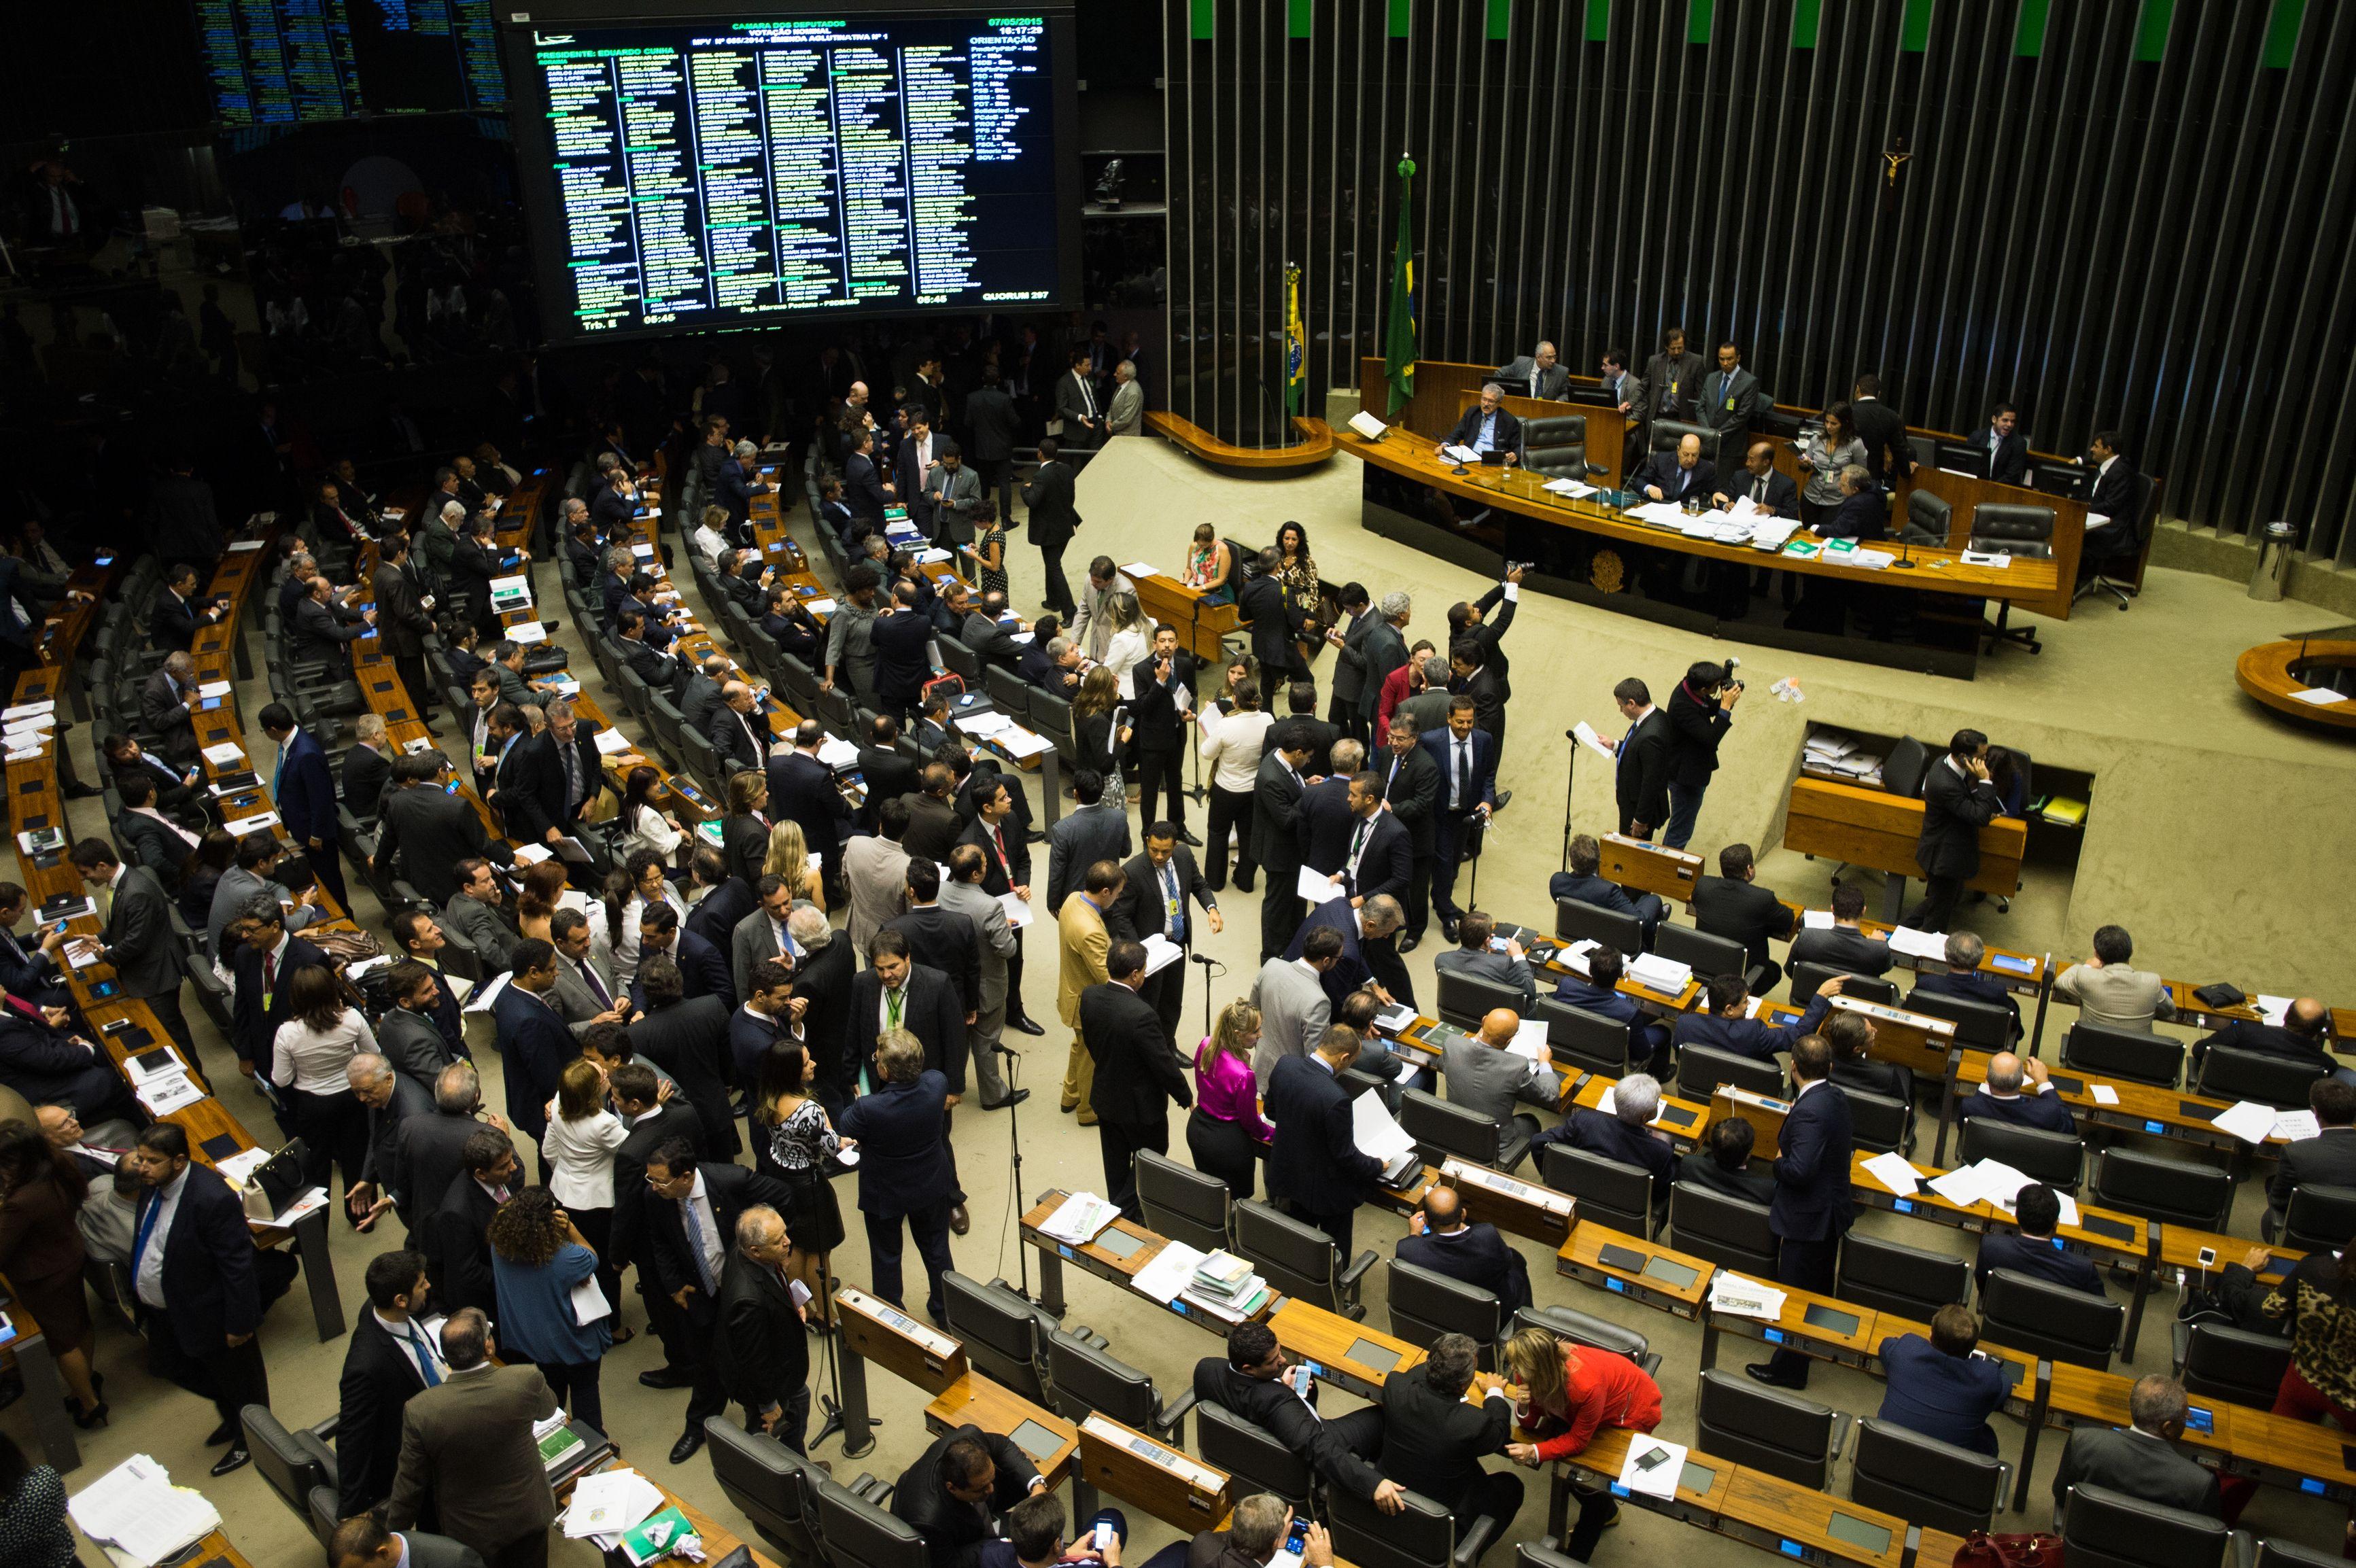 Brasília- DF- Brasil- 07/05/2015- A Câmara realiza sessão para votar os destaques à Medida Provisória 665/14, que muda as regras de concessão do seguro-desemprego, abono salarial e seguro-defeso para o pescador artesanal (Marcelo Camargo/Agência Brasil)